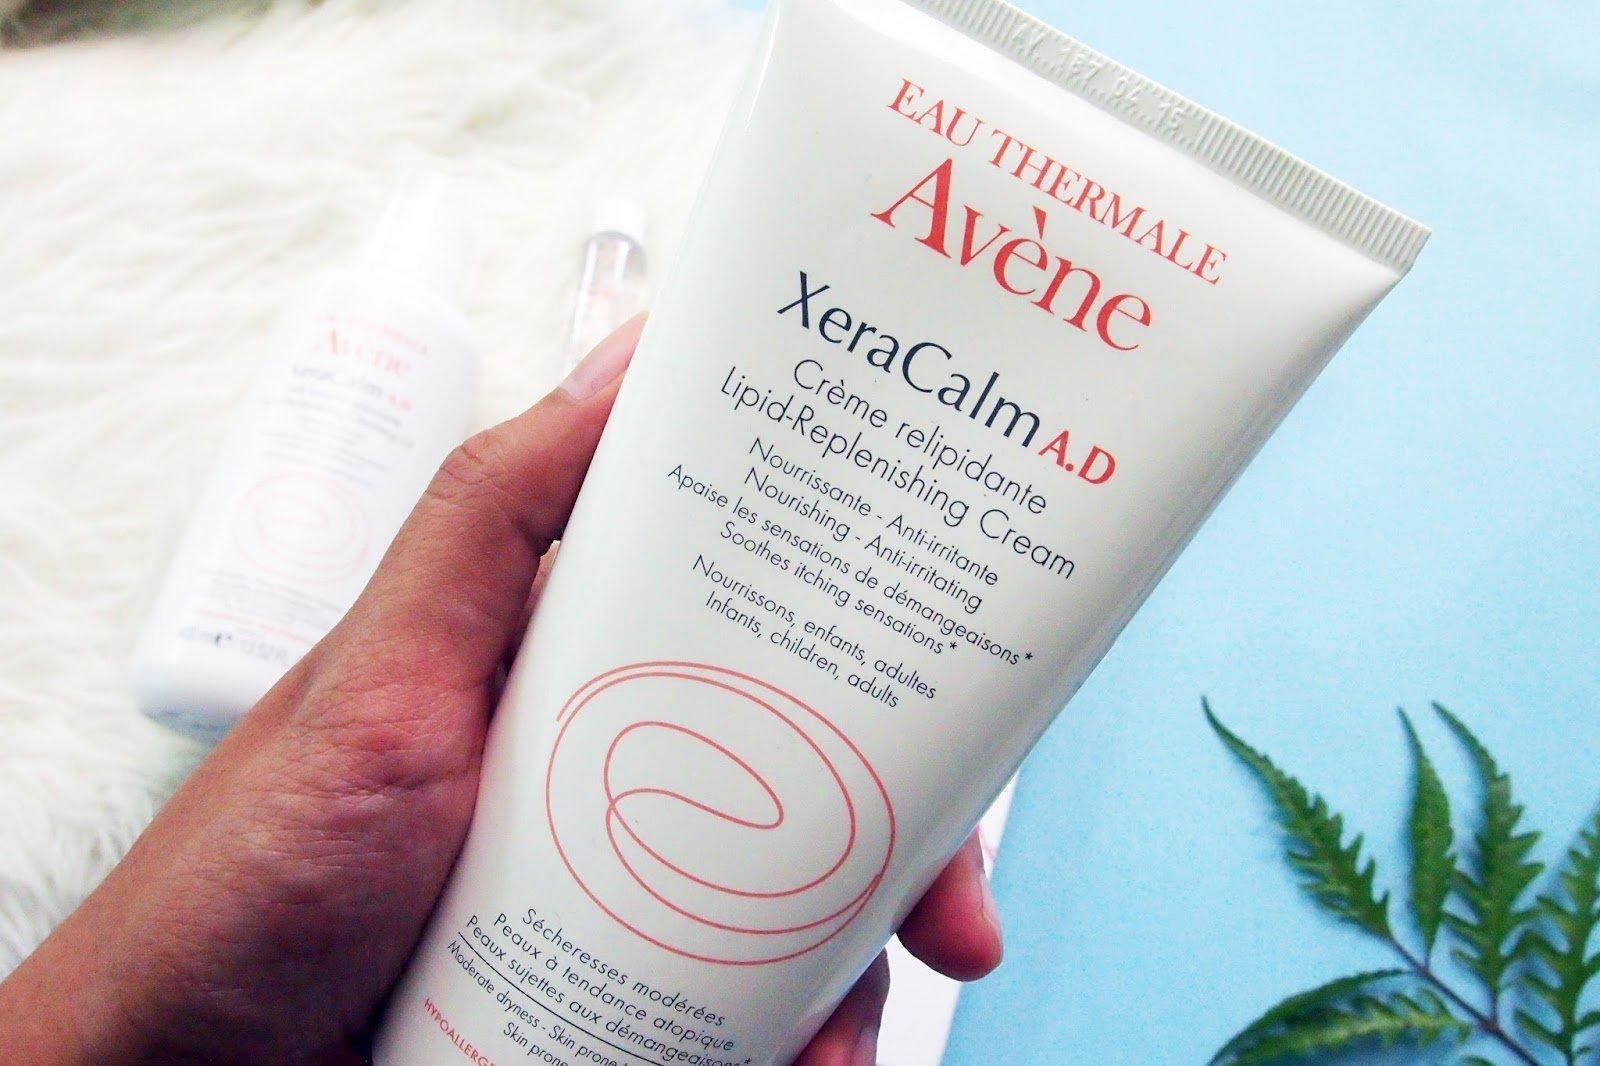 Kem dưỡng ẩm Avène Eau Thermale XeraCalm A.D. Lipid-Replenishing Cream với khả năng phục hồi da hiệu quả. (Nguồn: Internet).